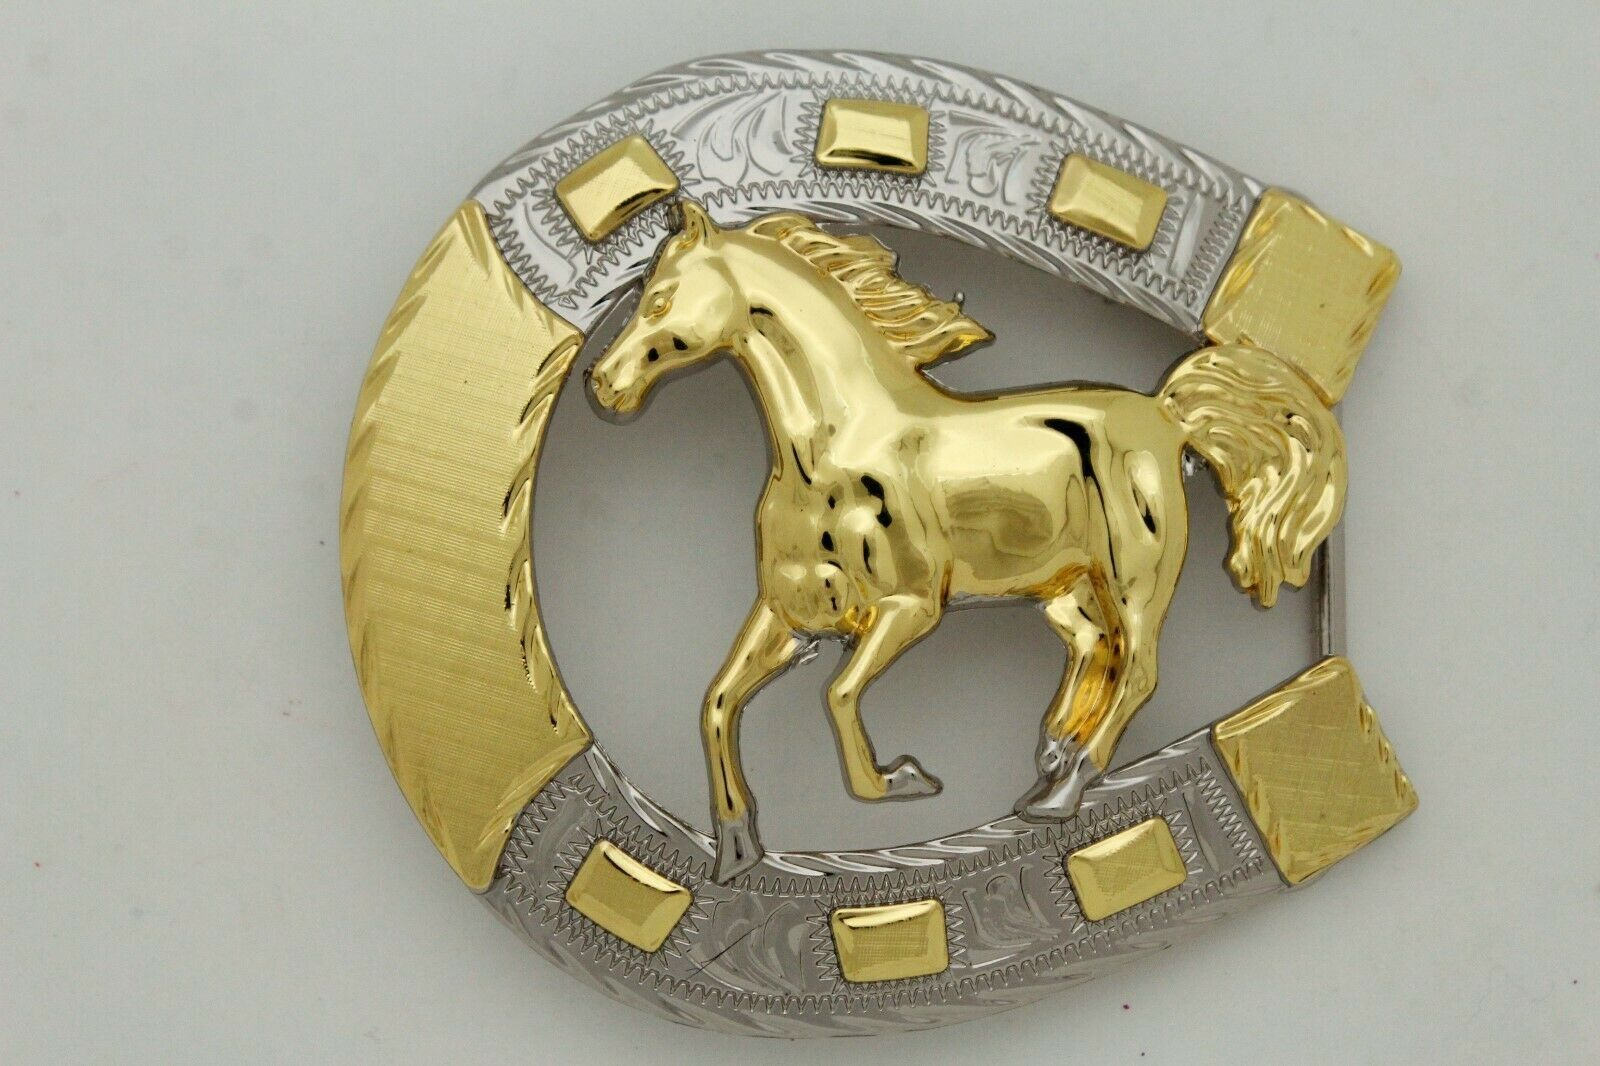 Hombre Western Cowboys Cinturón Hebilla Metal Plateado Caballo Rodeo Detalle